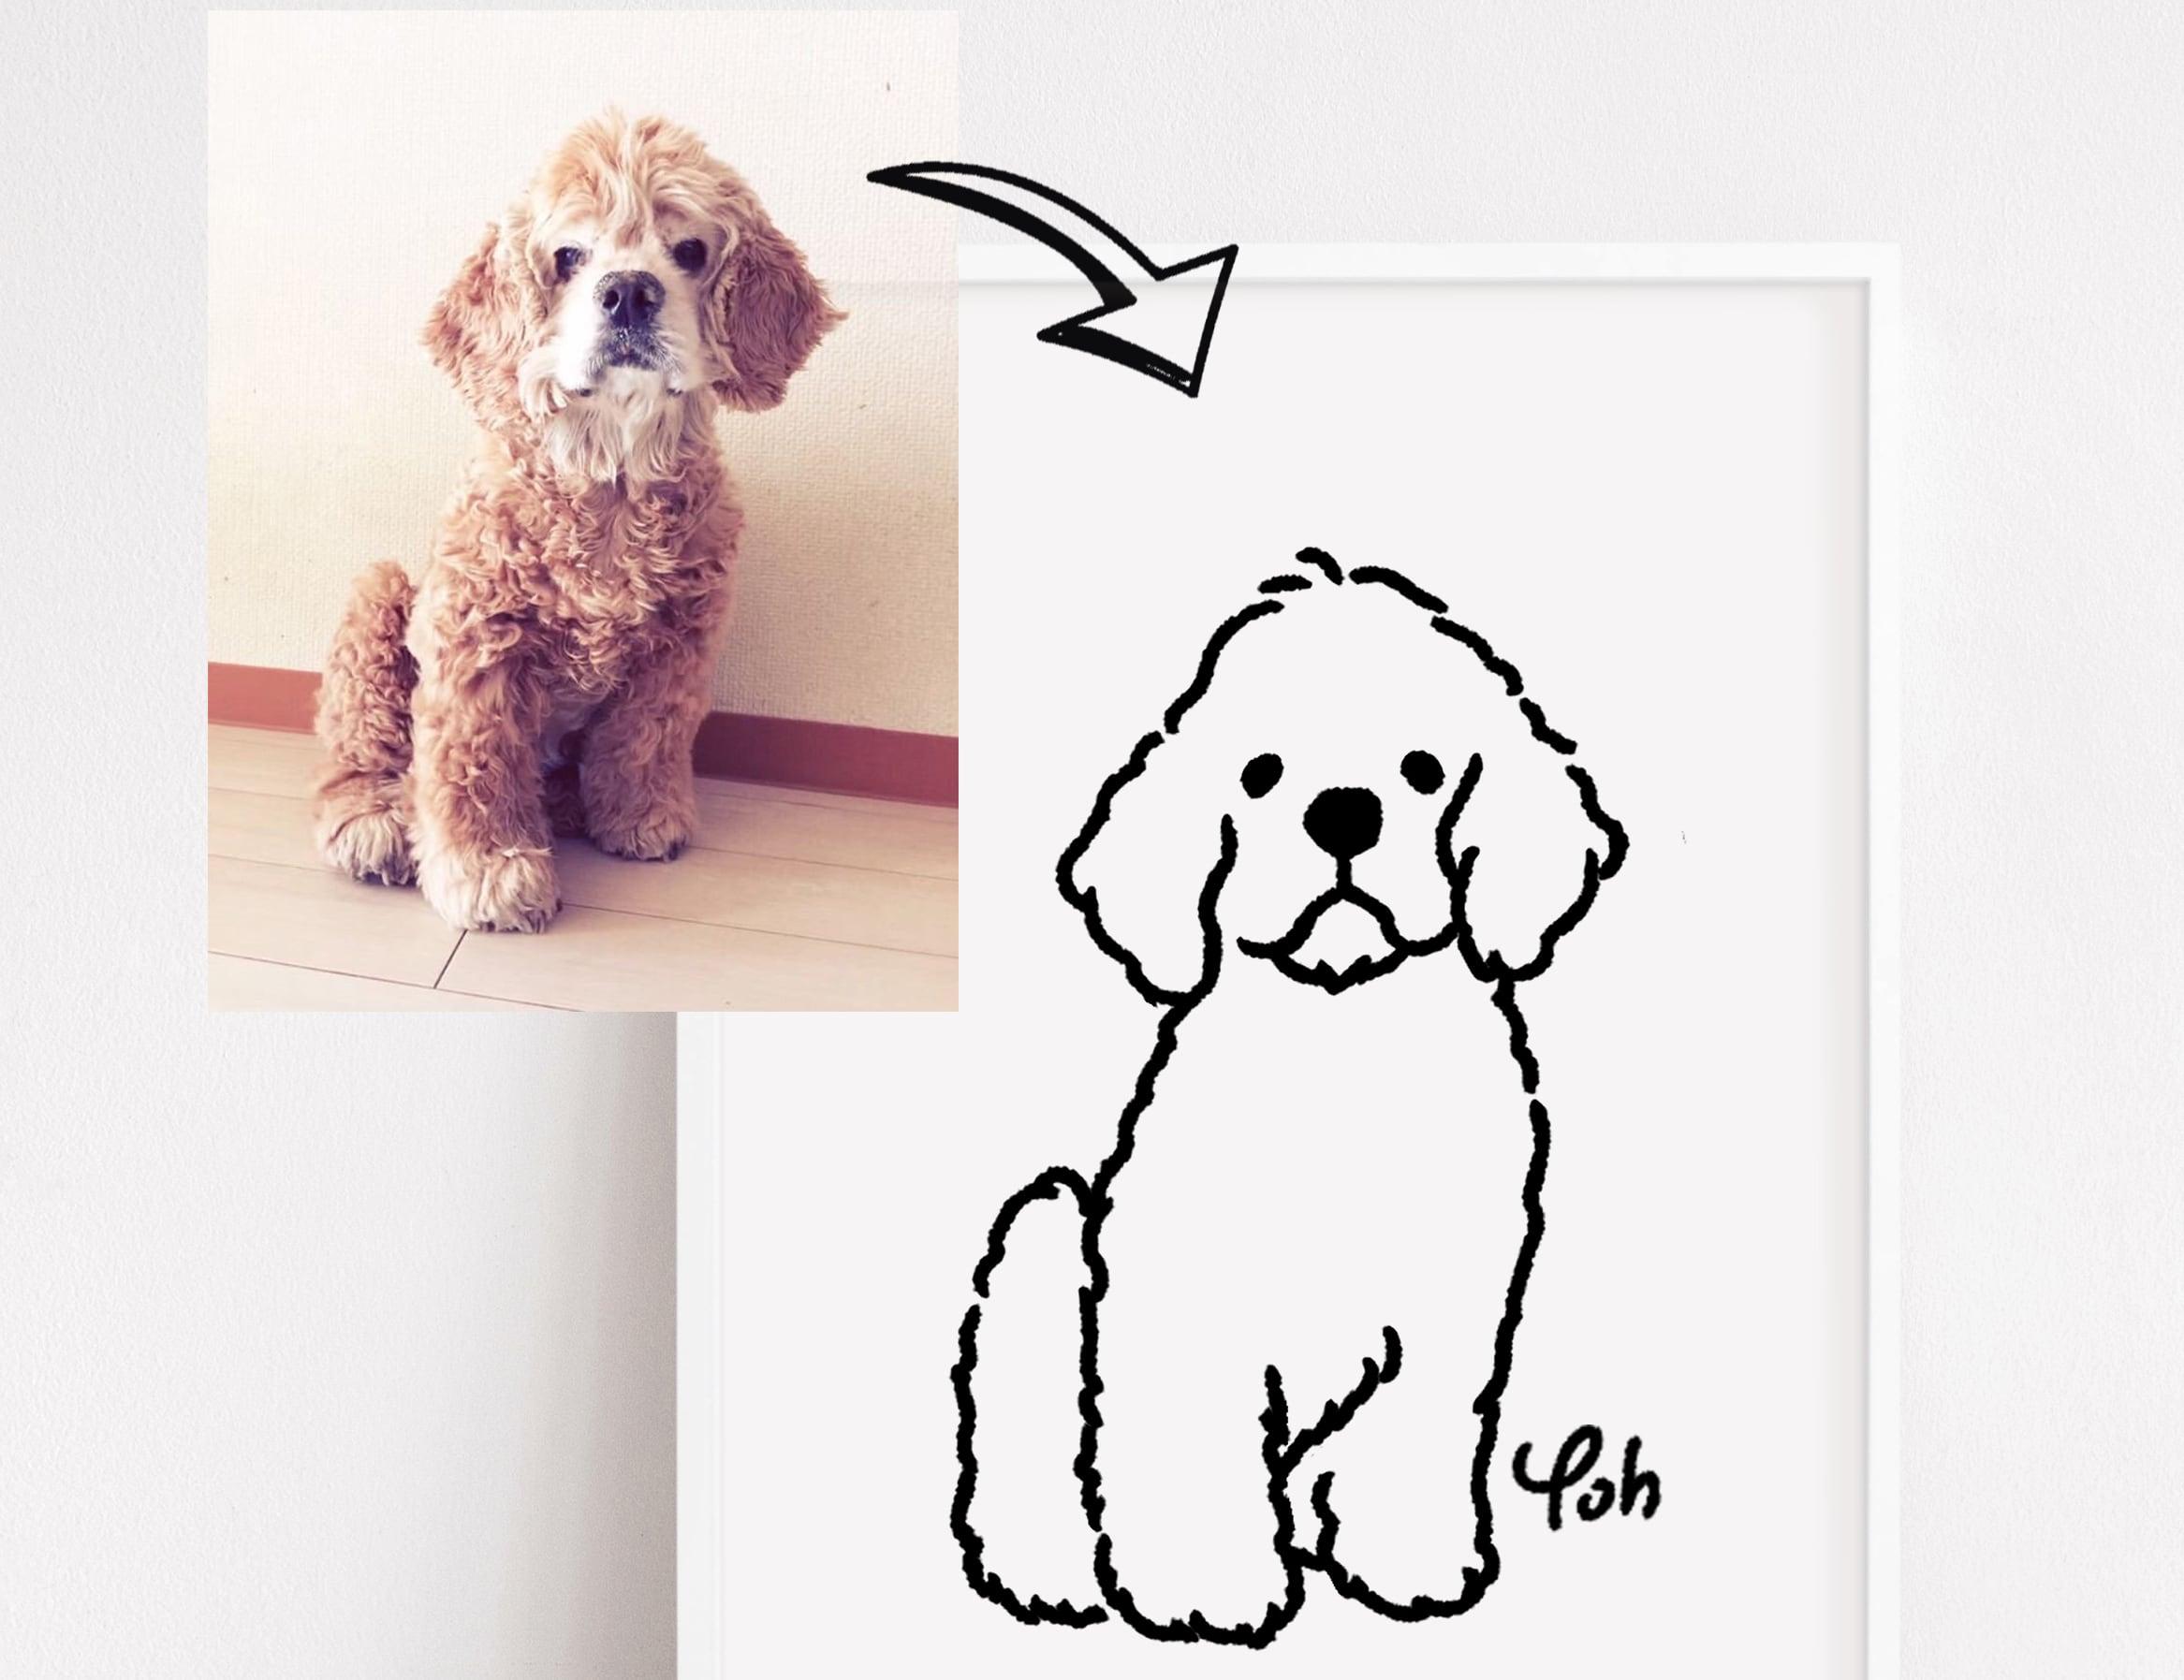 似顔絵イラスト ペット 犬 ねこ似顔絵【Yoh】